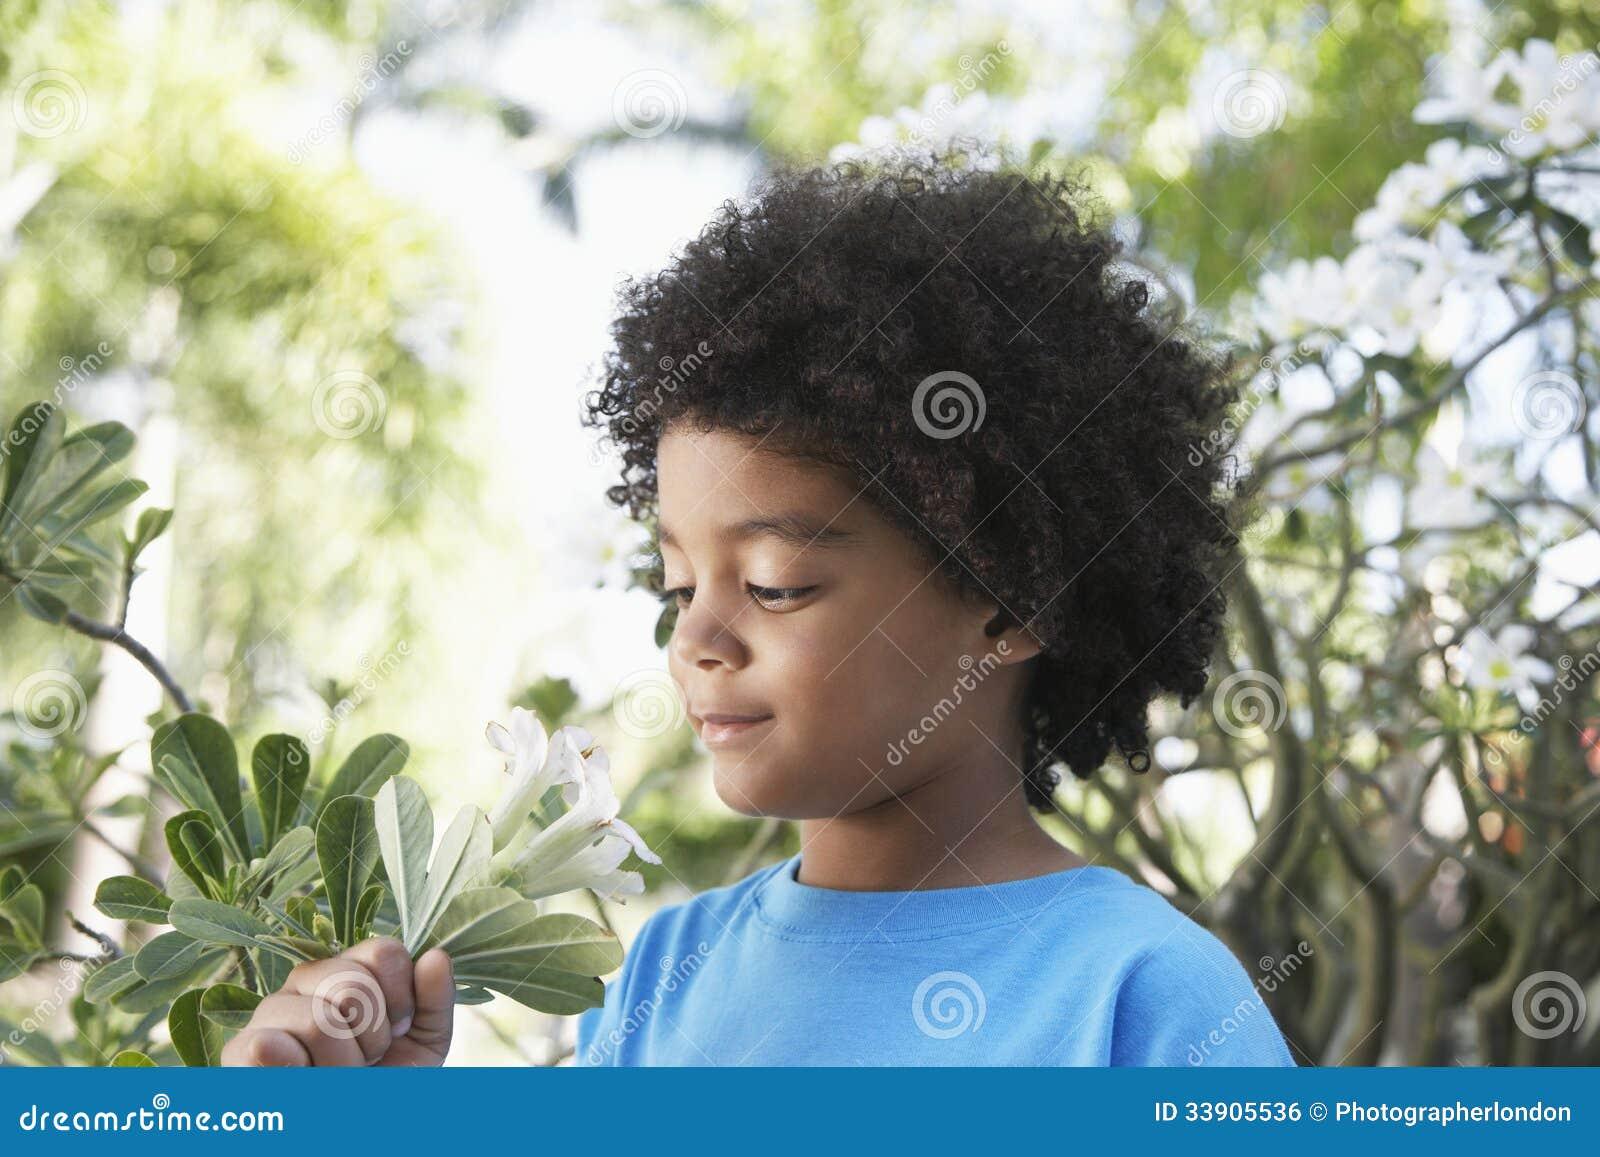 Flores de cheiro do menino no jardim